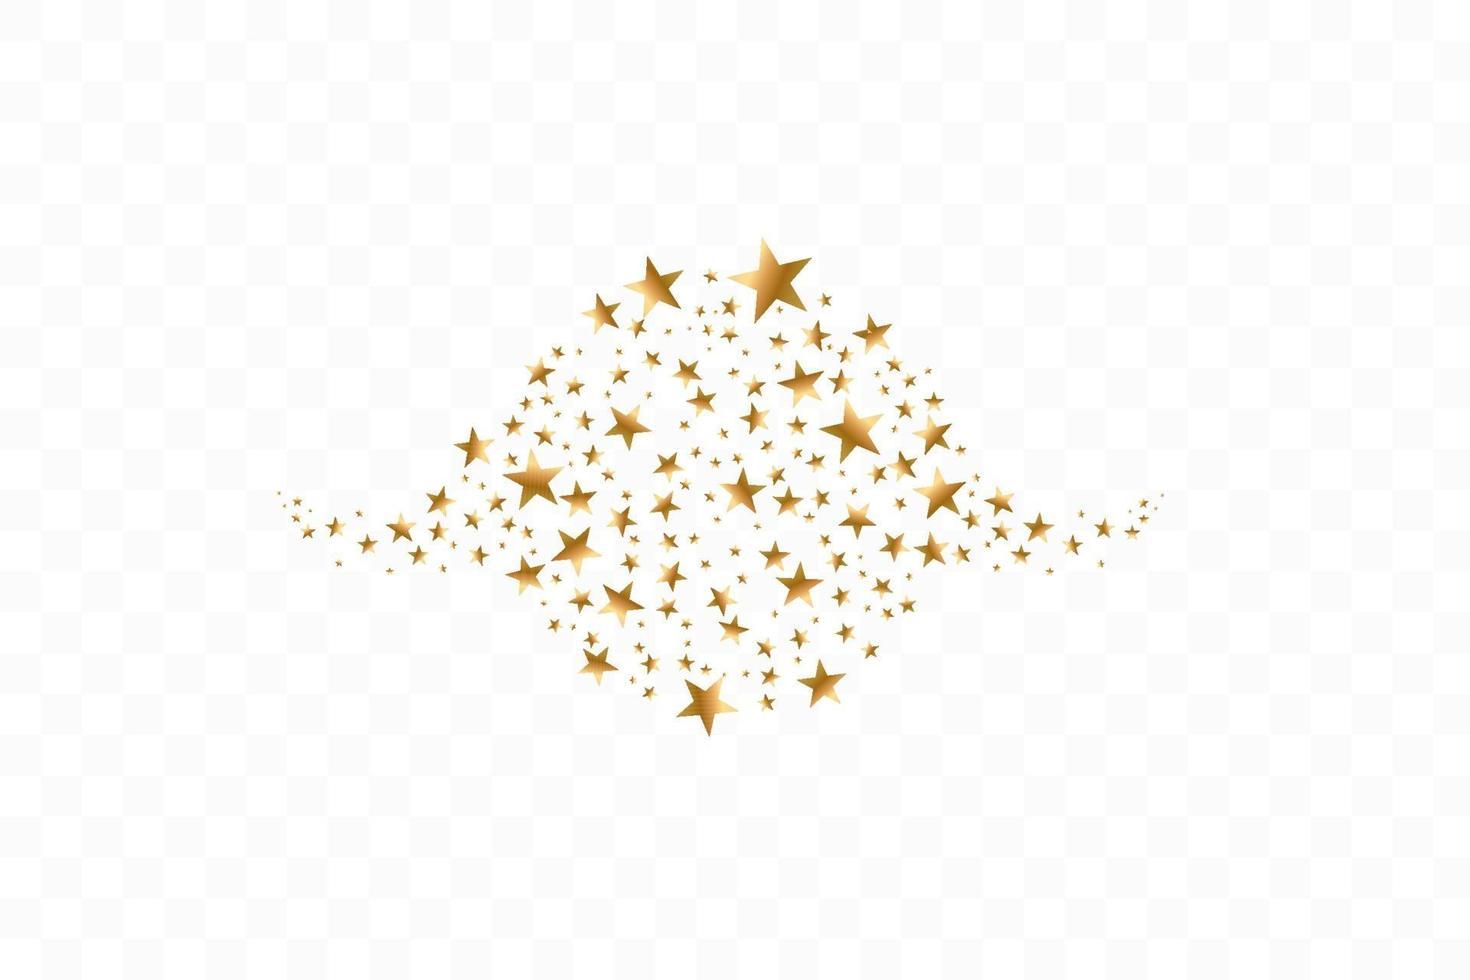 gyllene stjärnor i cirkel vektorillustration. platt ikon stjärna ram symbol vektor